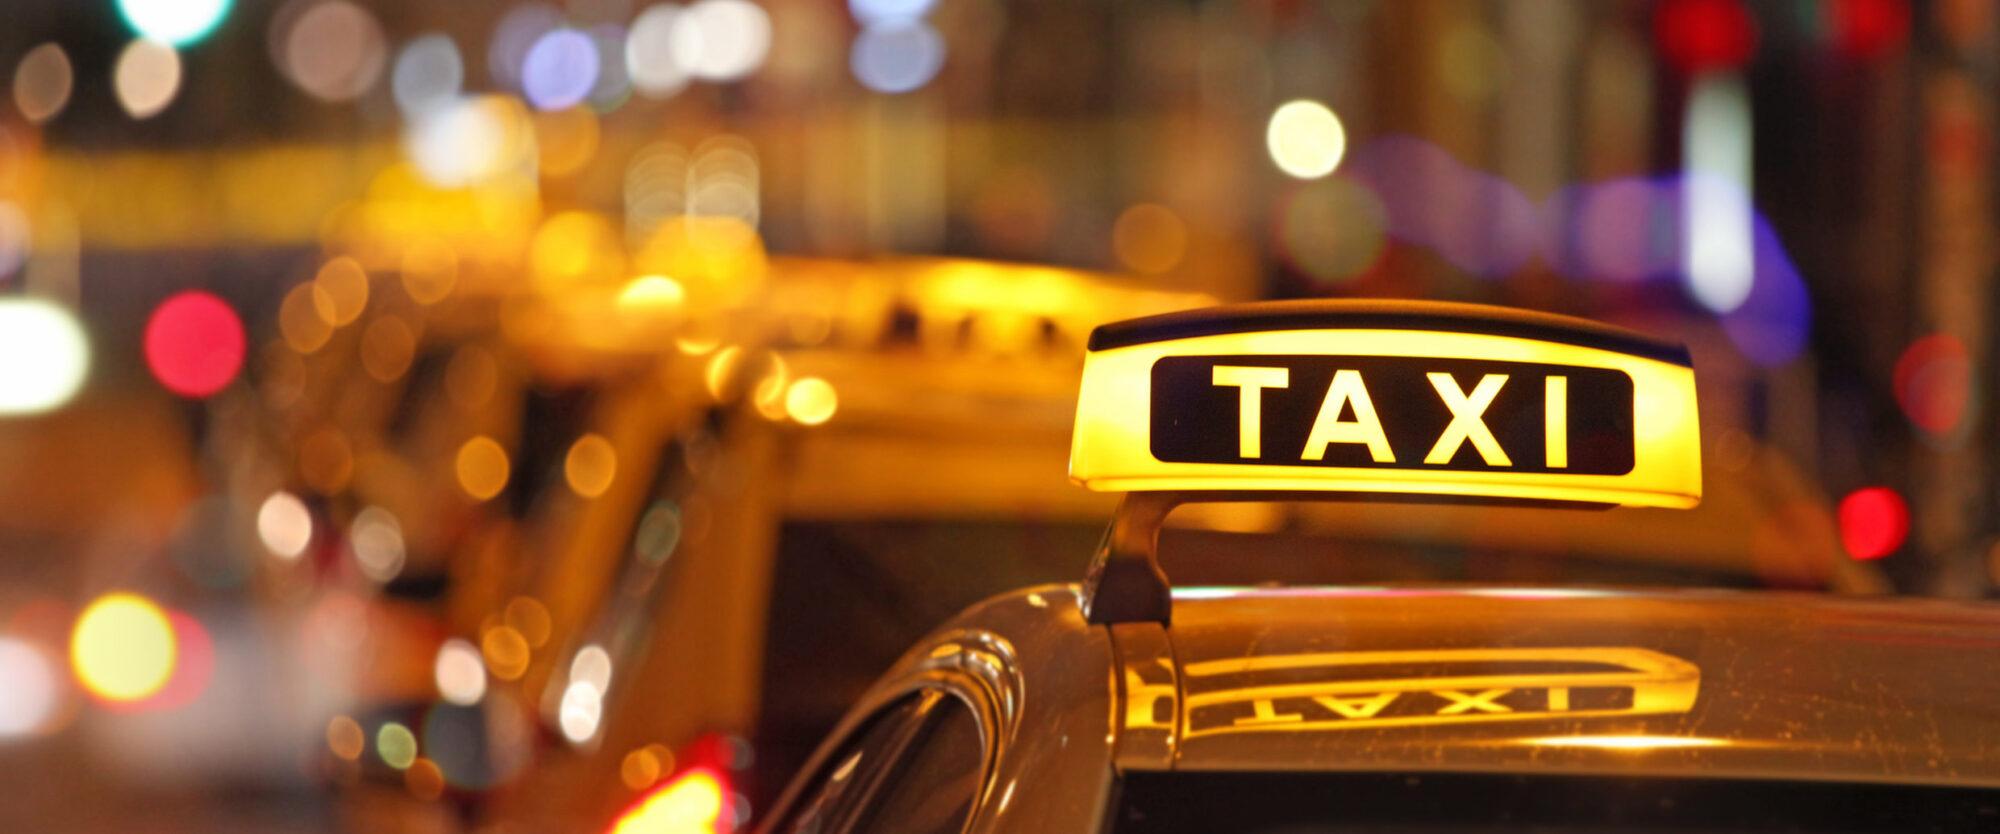 Haltetaxi zorgt voor goede aansluiting op openbaar vervoer